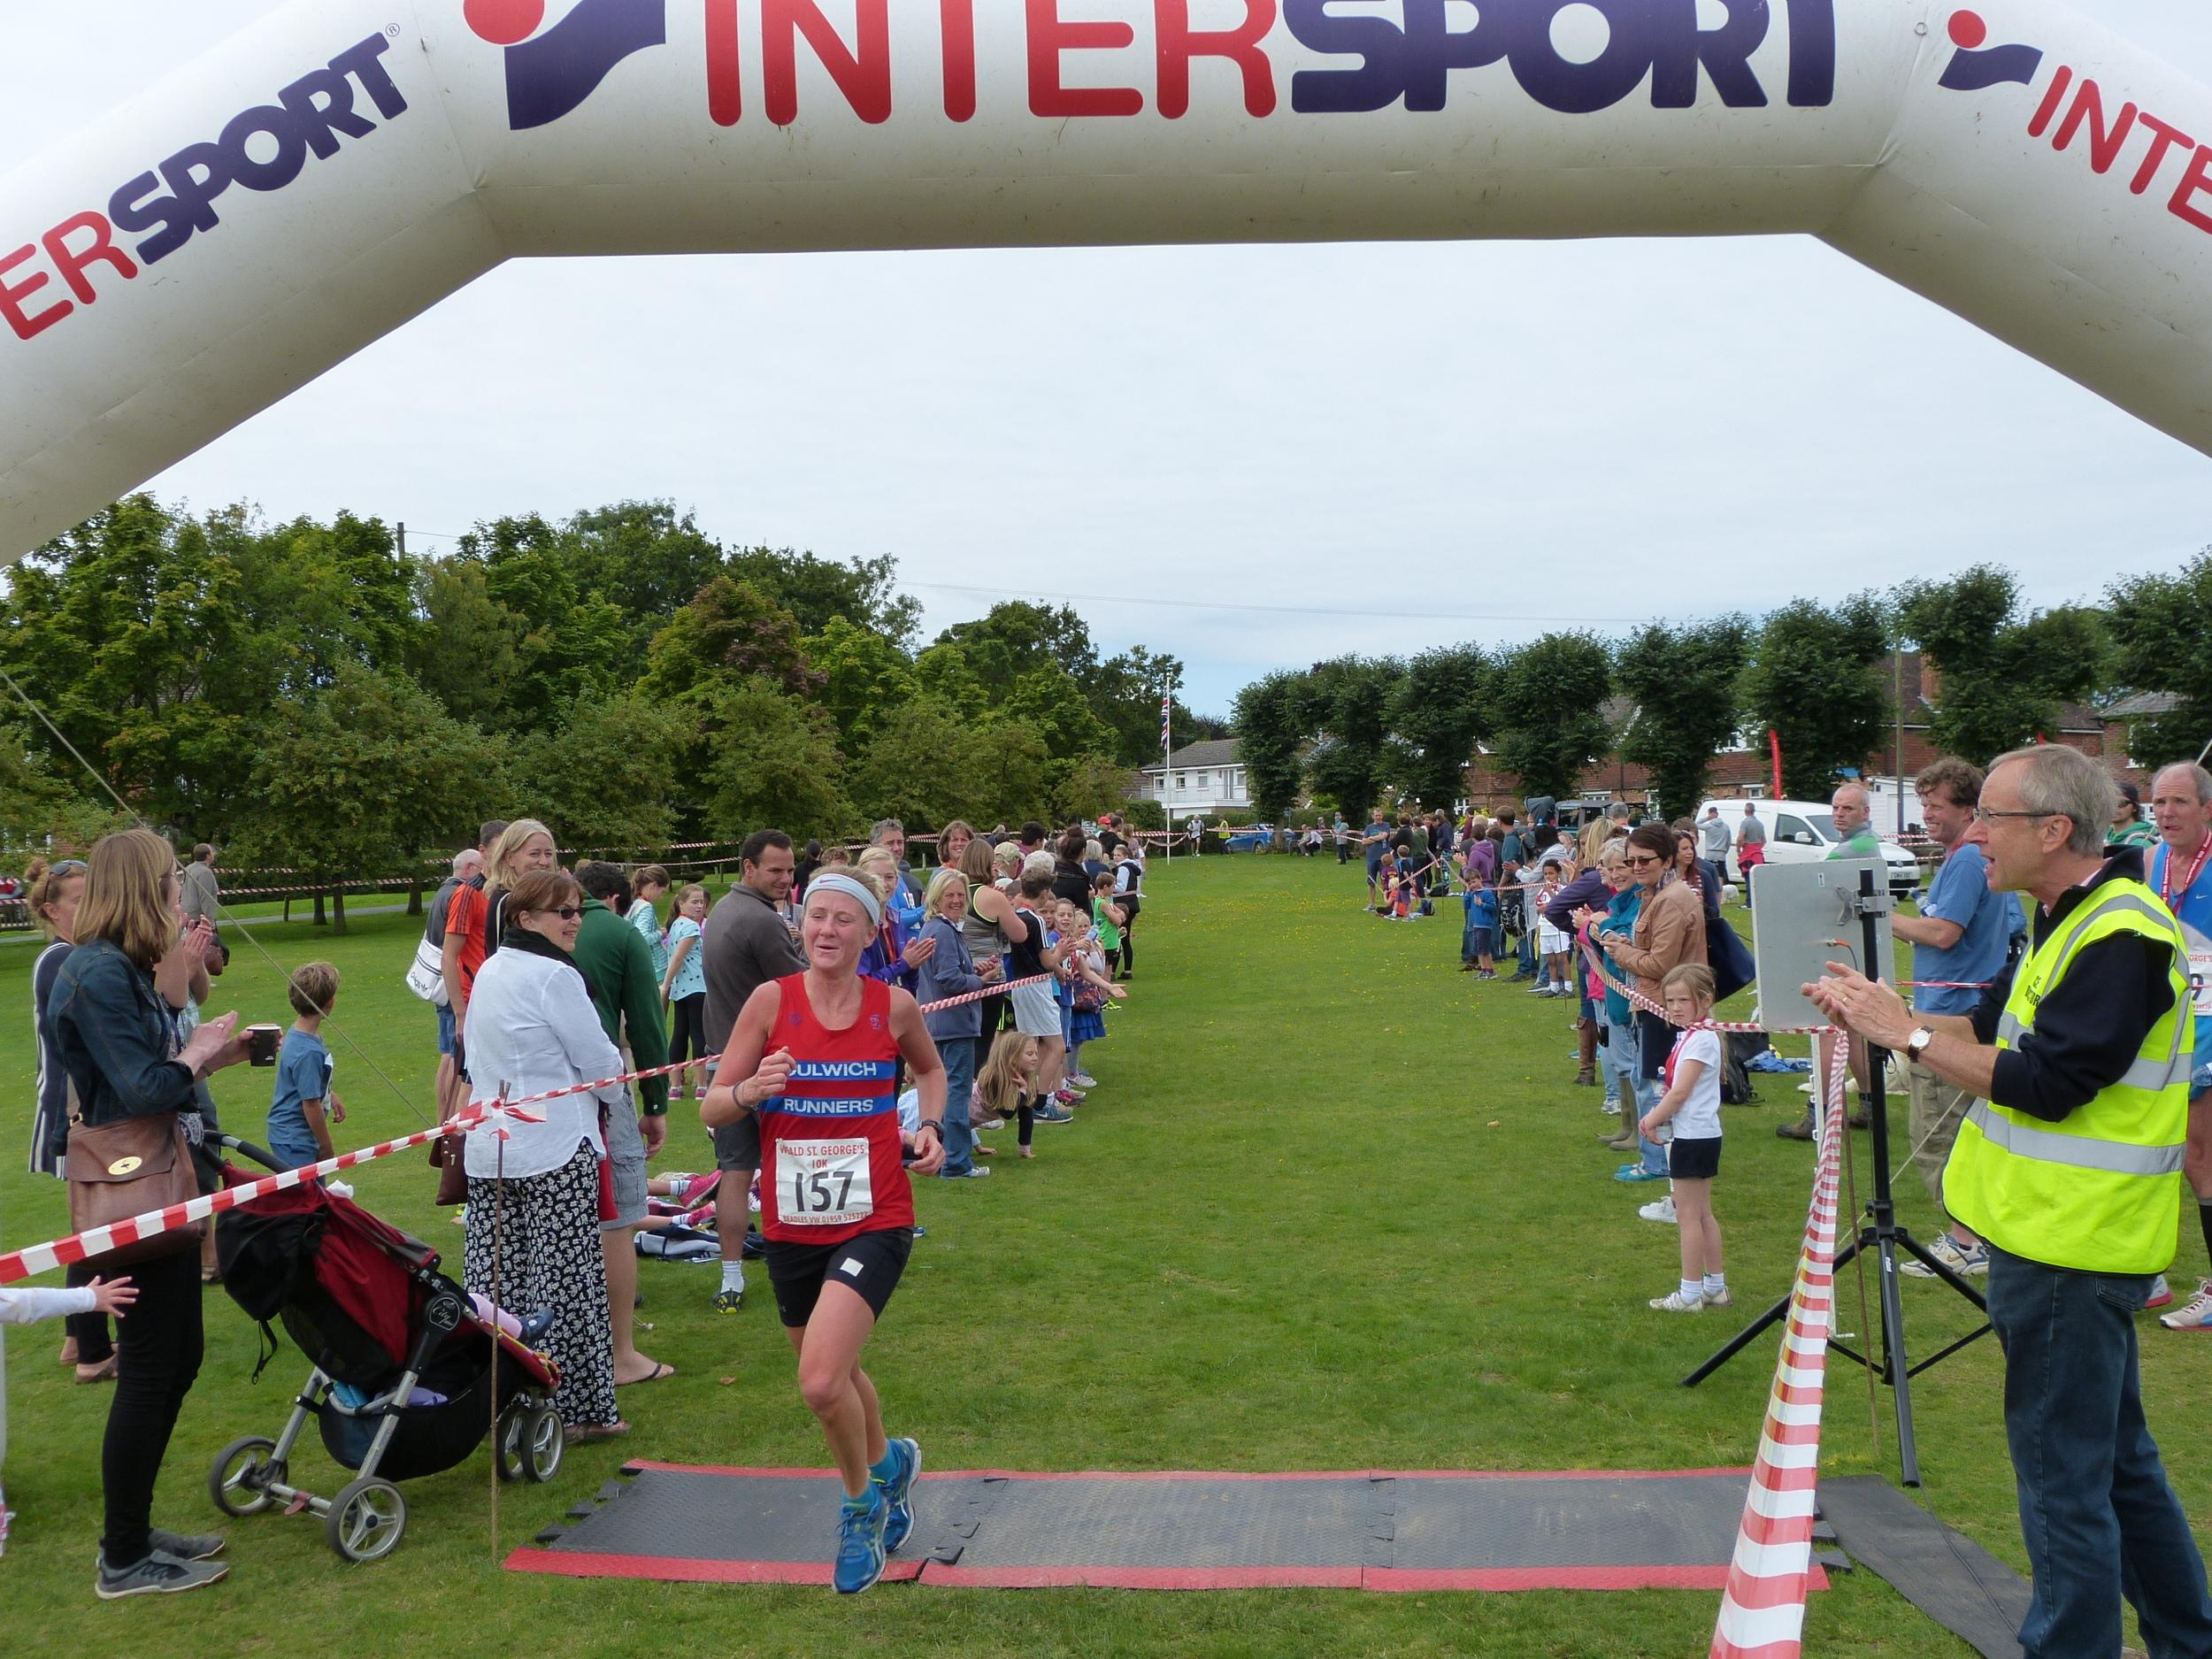 Ladies 2nd place Emily Gelder 00:40:29